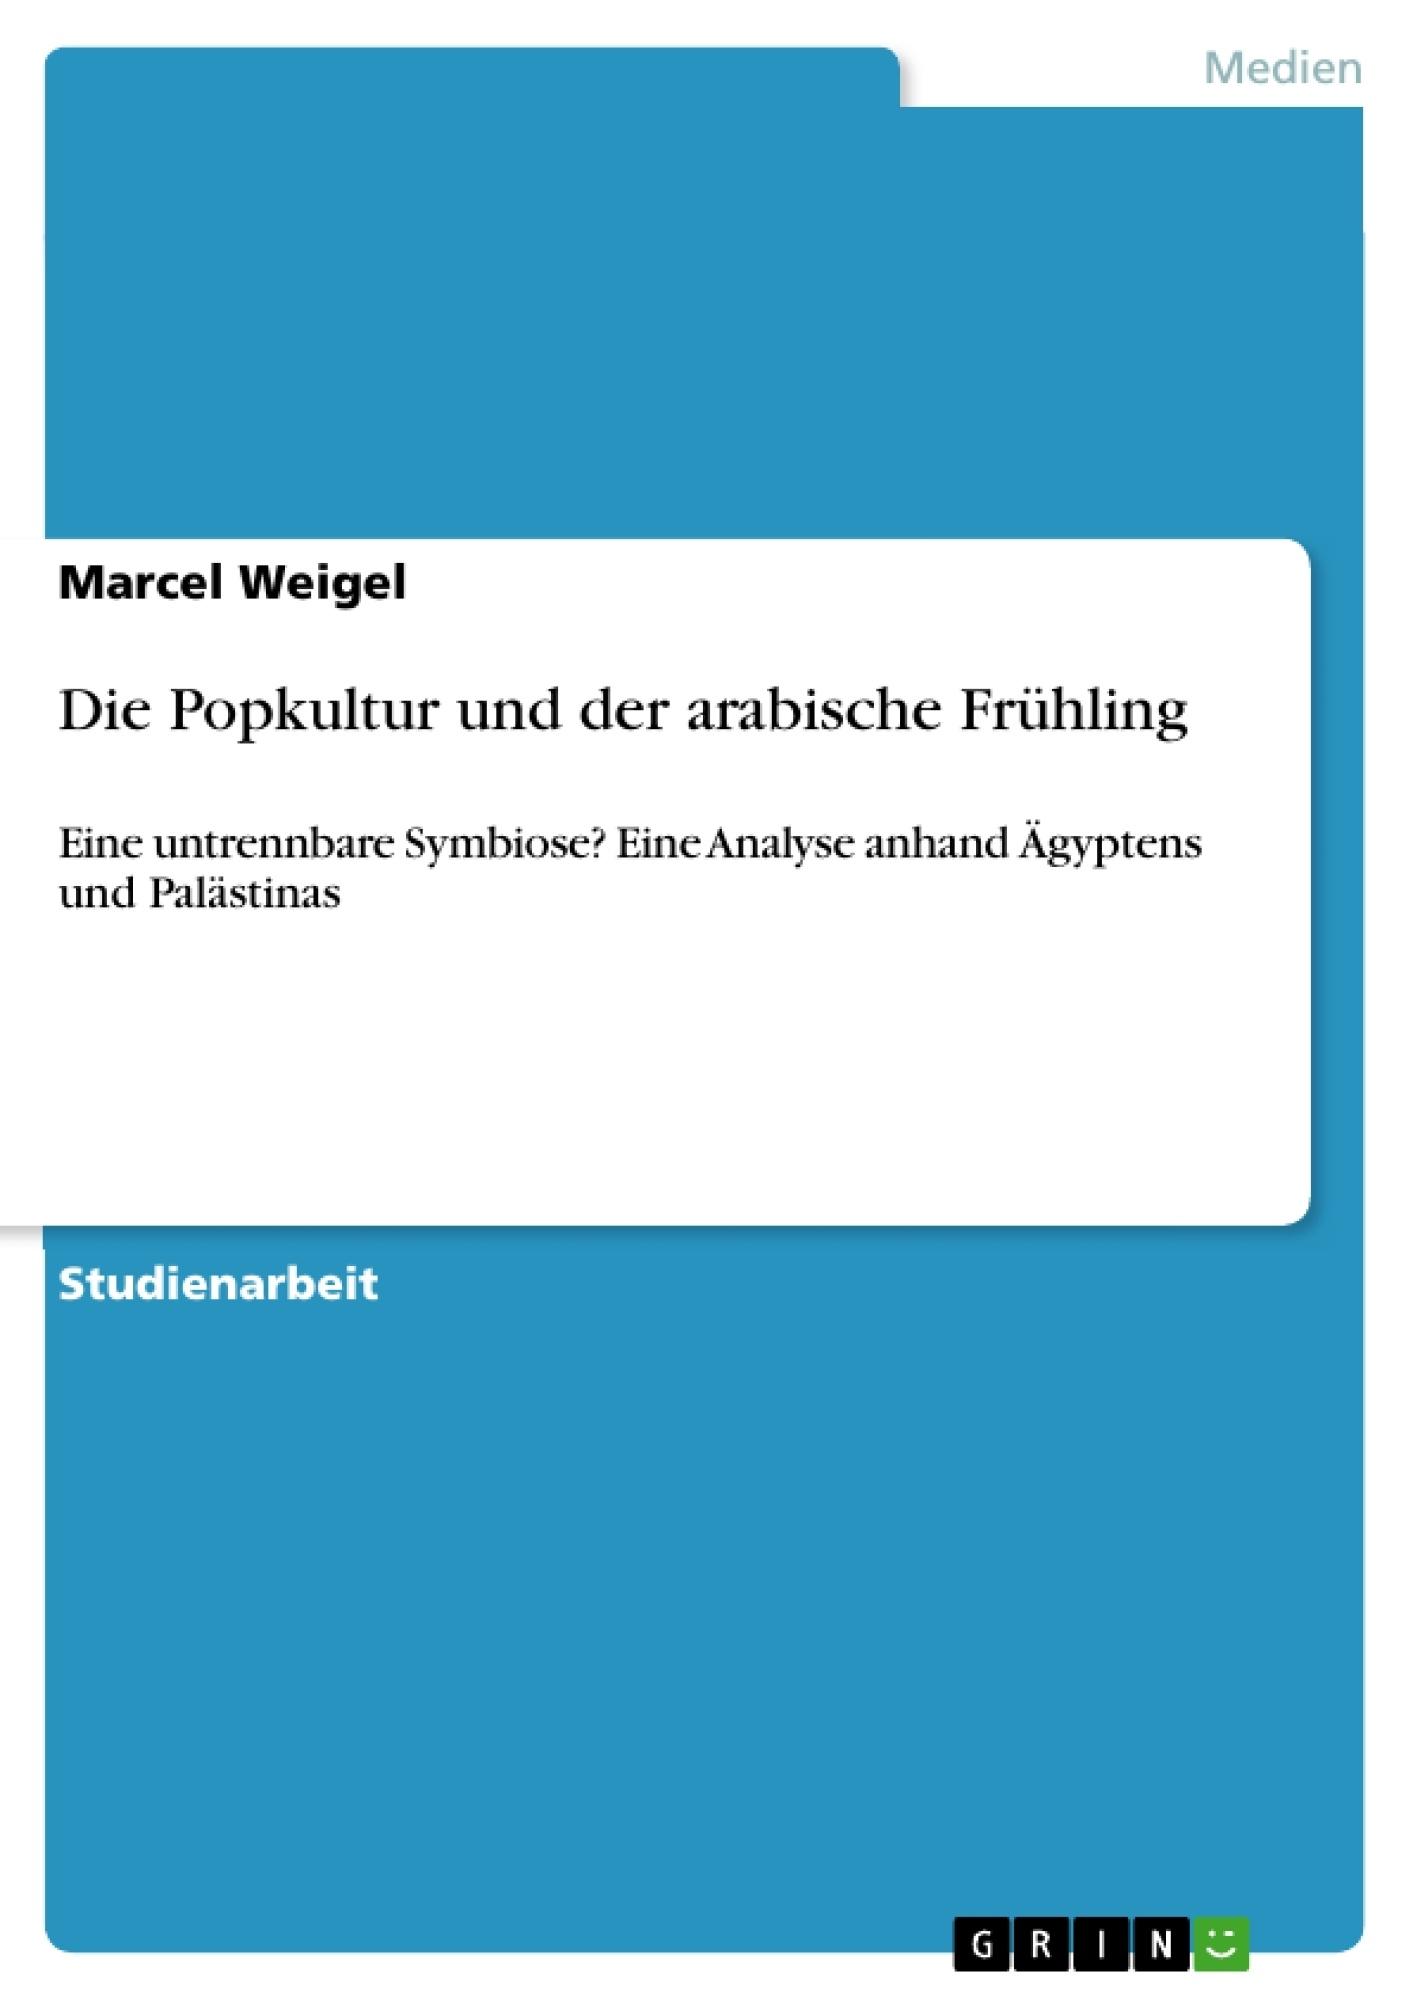 Titel: Die Popkultur und der arabische Frühling